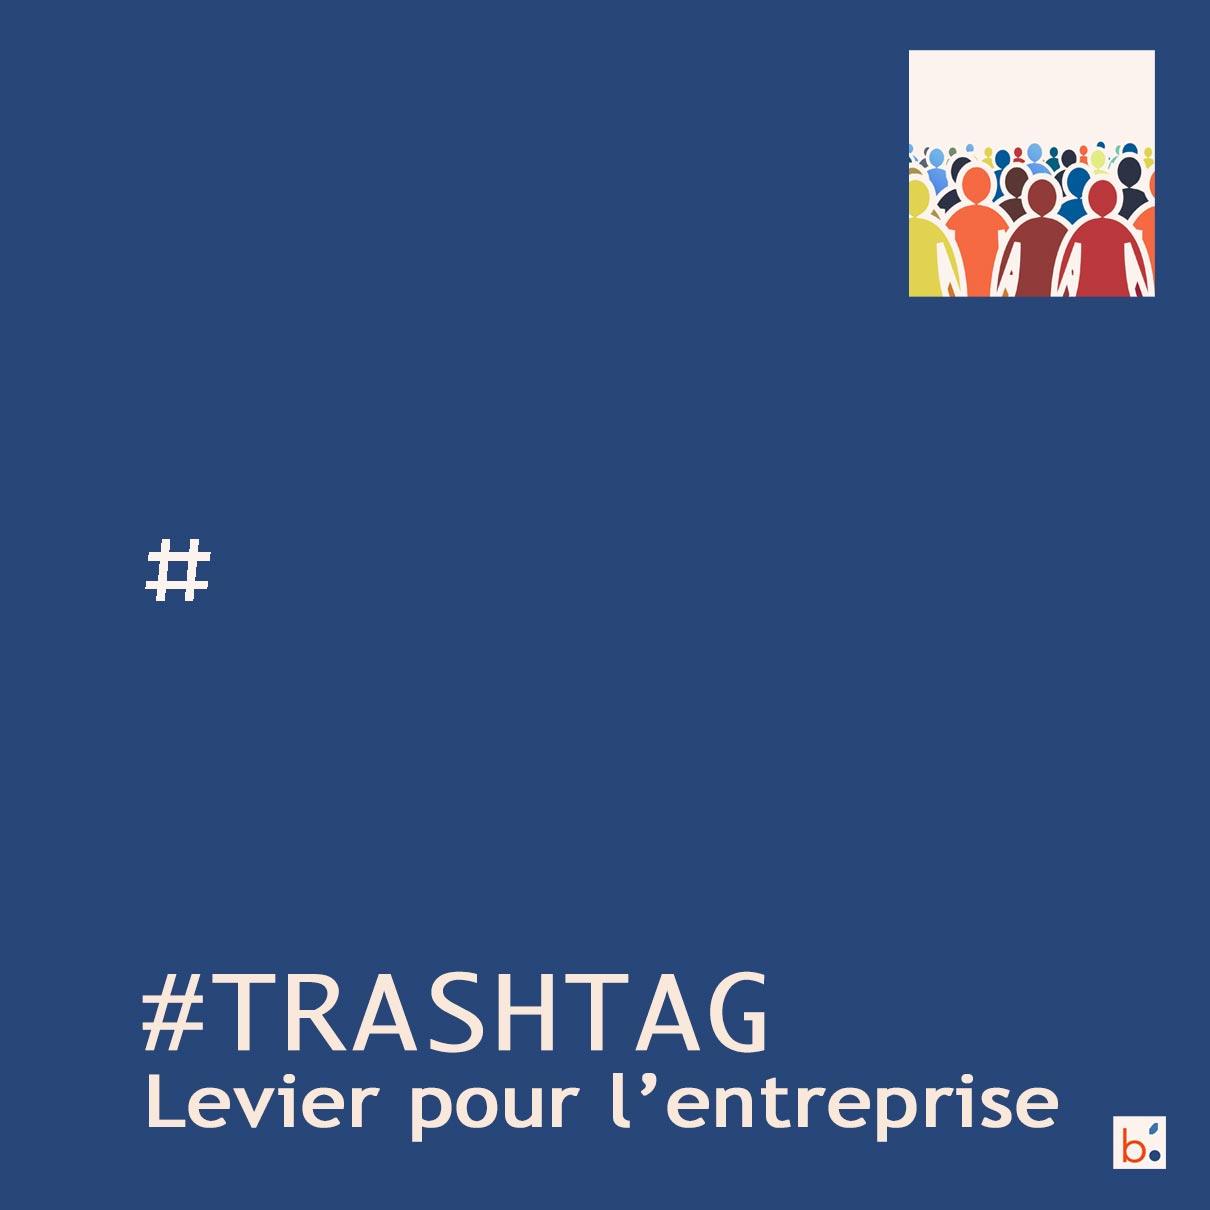 #Trashtag un des hashtags pour le trash challenge